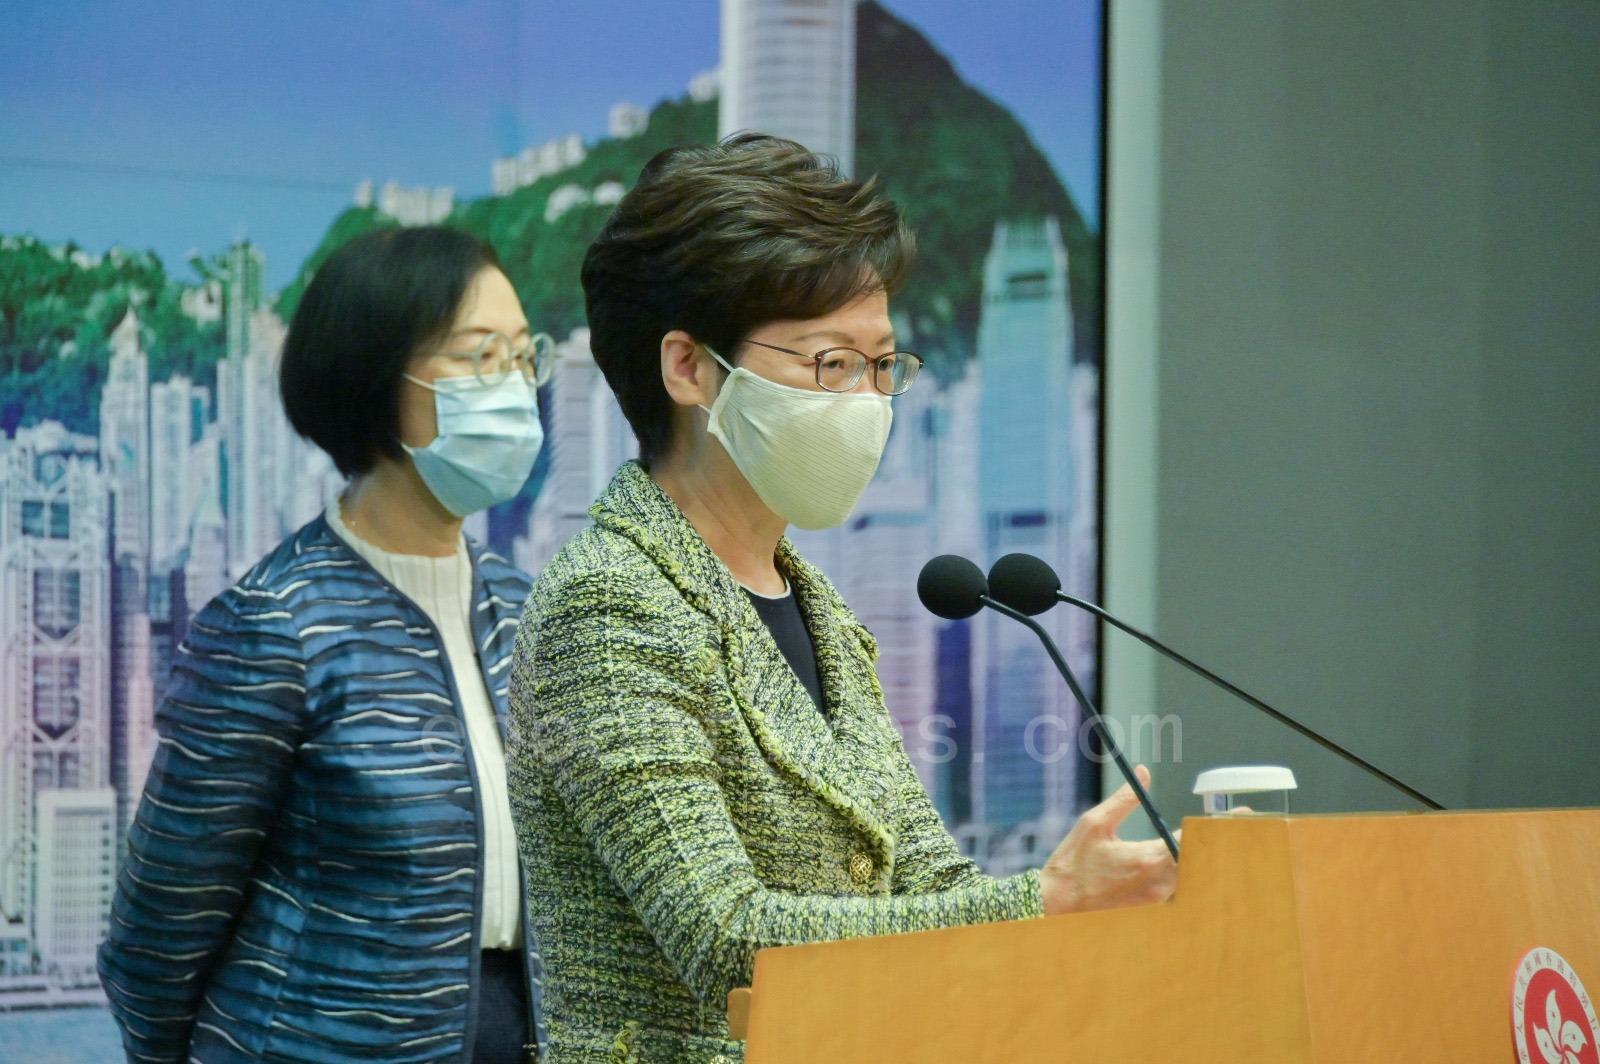 11月3日,林鄭表示,要求一段時間內「零個案」有一定難度,並公布三項最新病毒檢測措施。(郭威利/大紀元)